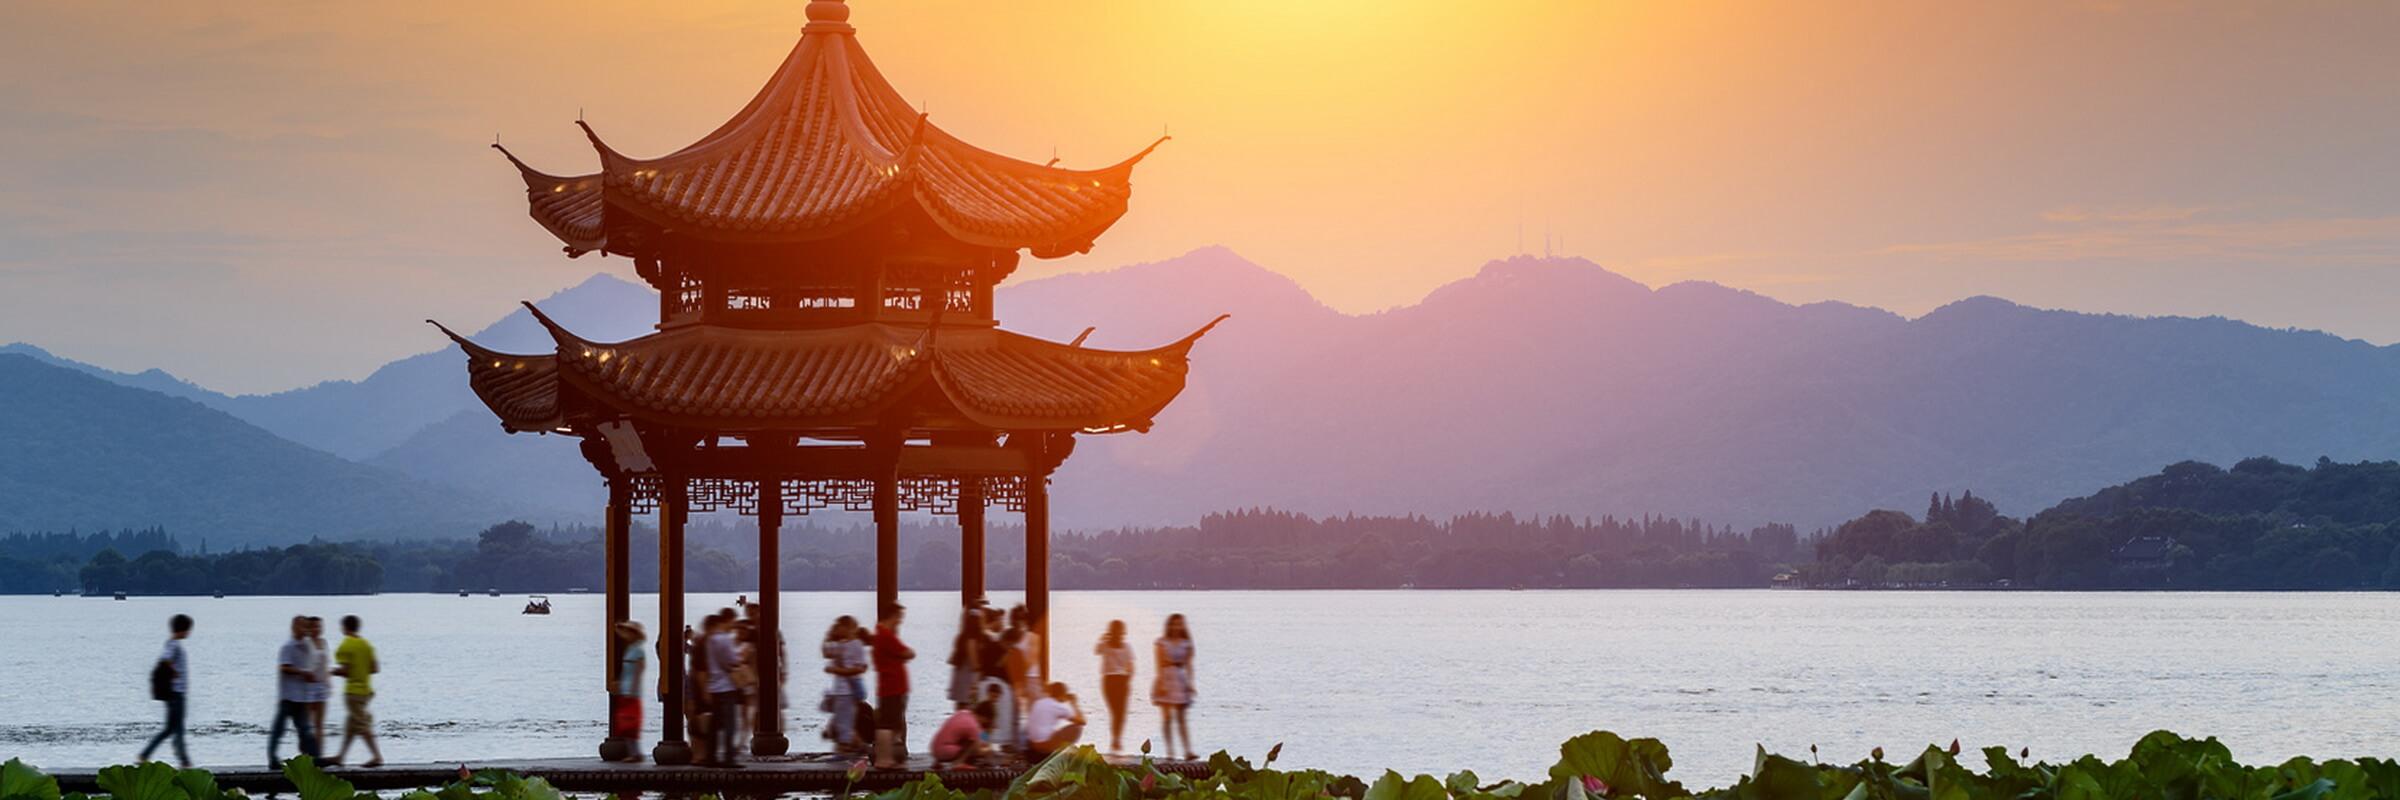 Der malerische West-See in Hangzhou zählt zu den schönsten des Landes und wurde 2011 in die Liste des UNESCO Weltkulturerbes aufgenommen. Ihre China Reisen anspruchsvoll und abwechslungsreich mit den Asienexperten von reisefieber planen